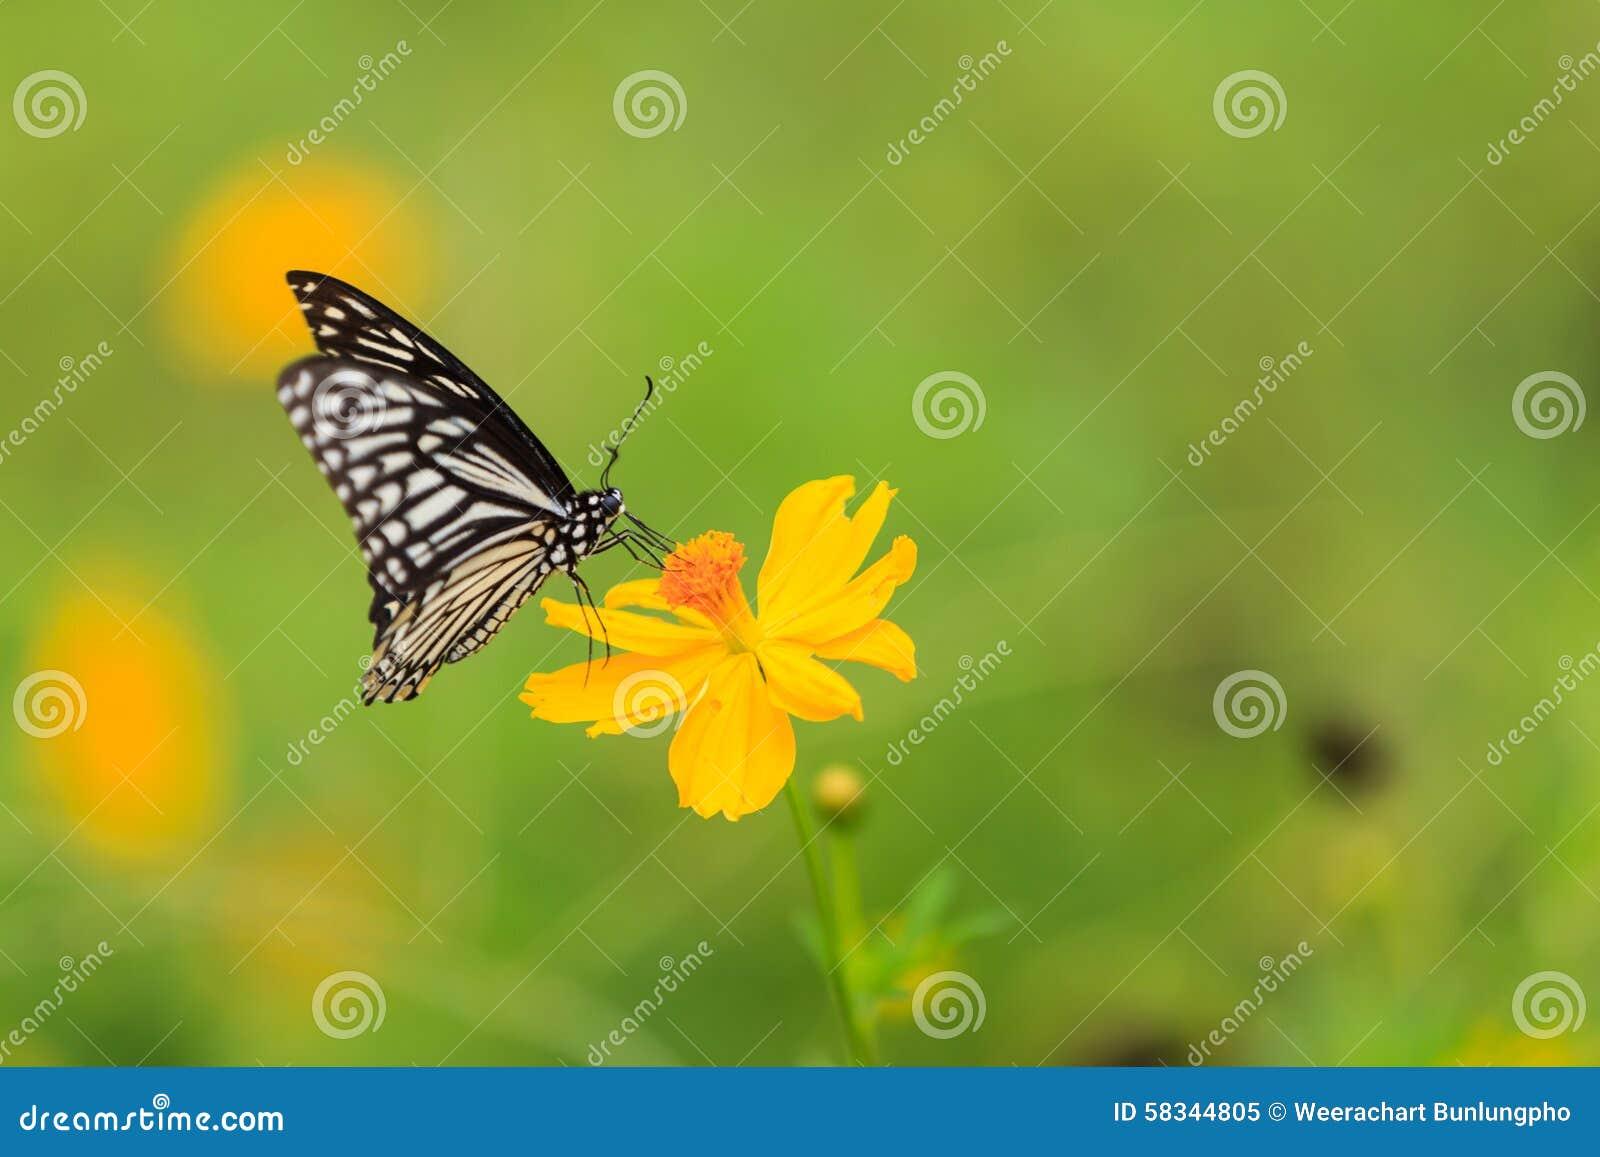 Tìm hiểu Bướm - Page 5 Butterfly-common-mime-chilasa-clytia-garden-58344805